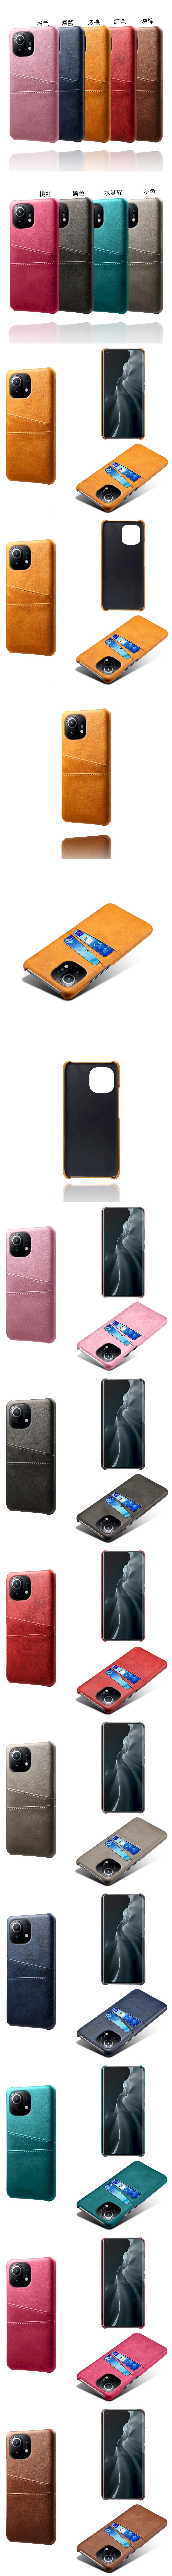 皮革保護殼(PLAIN) - 牛皮仿真皮紋雙插卡手機殼背蓋手機套